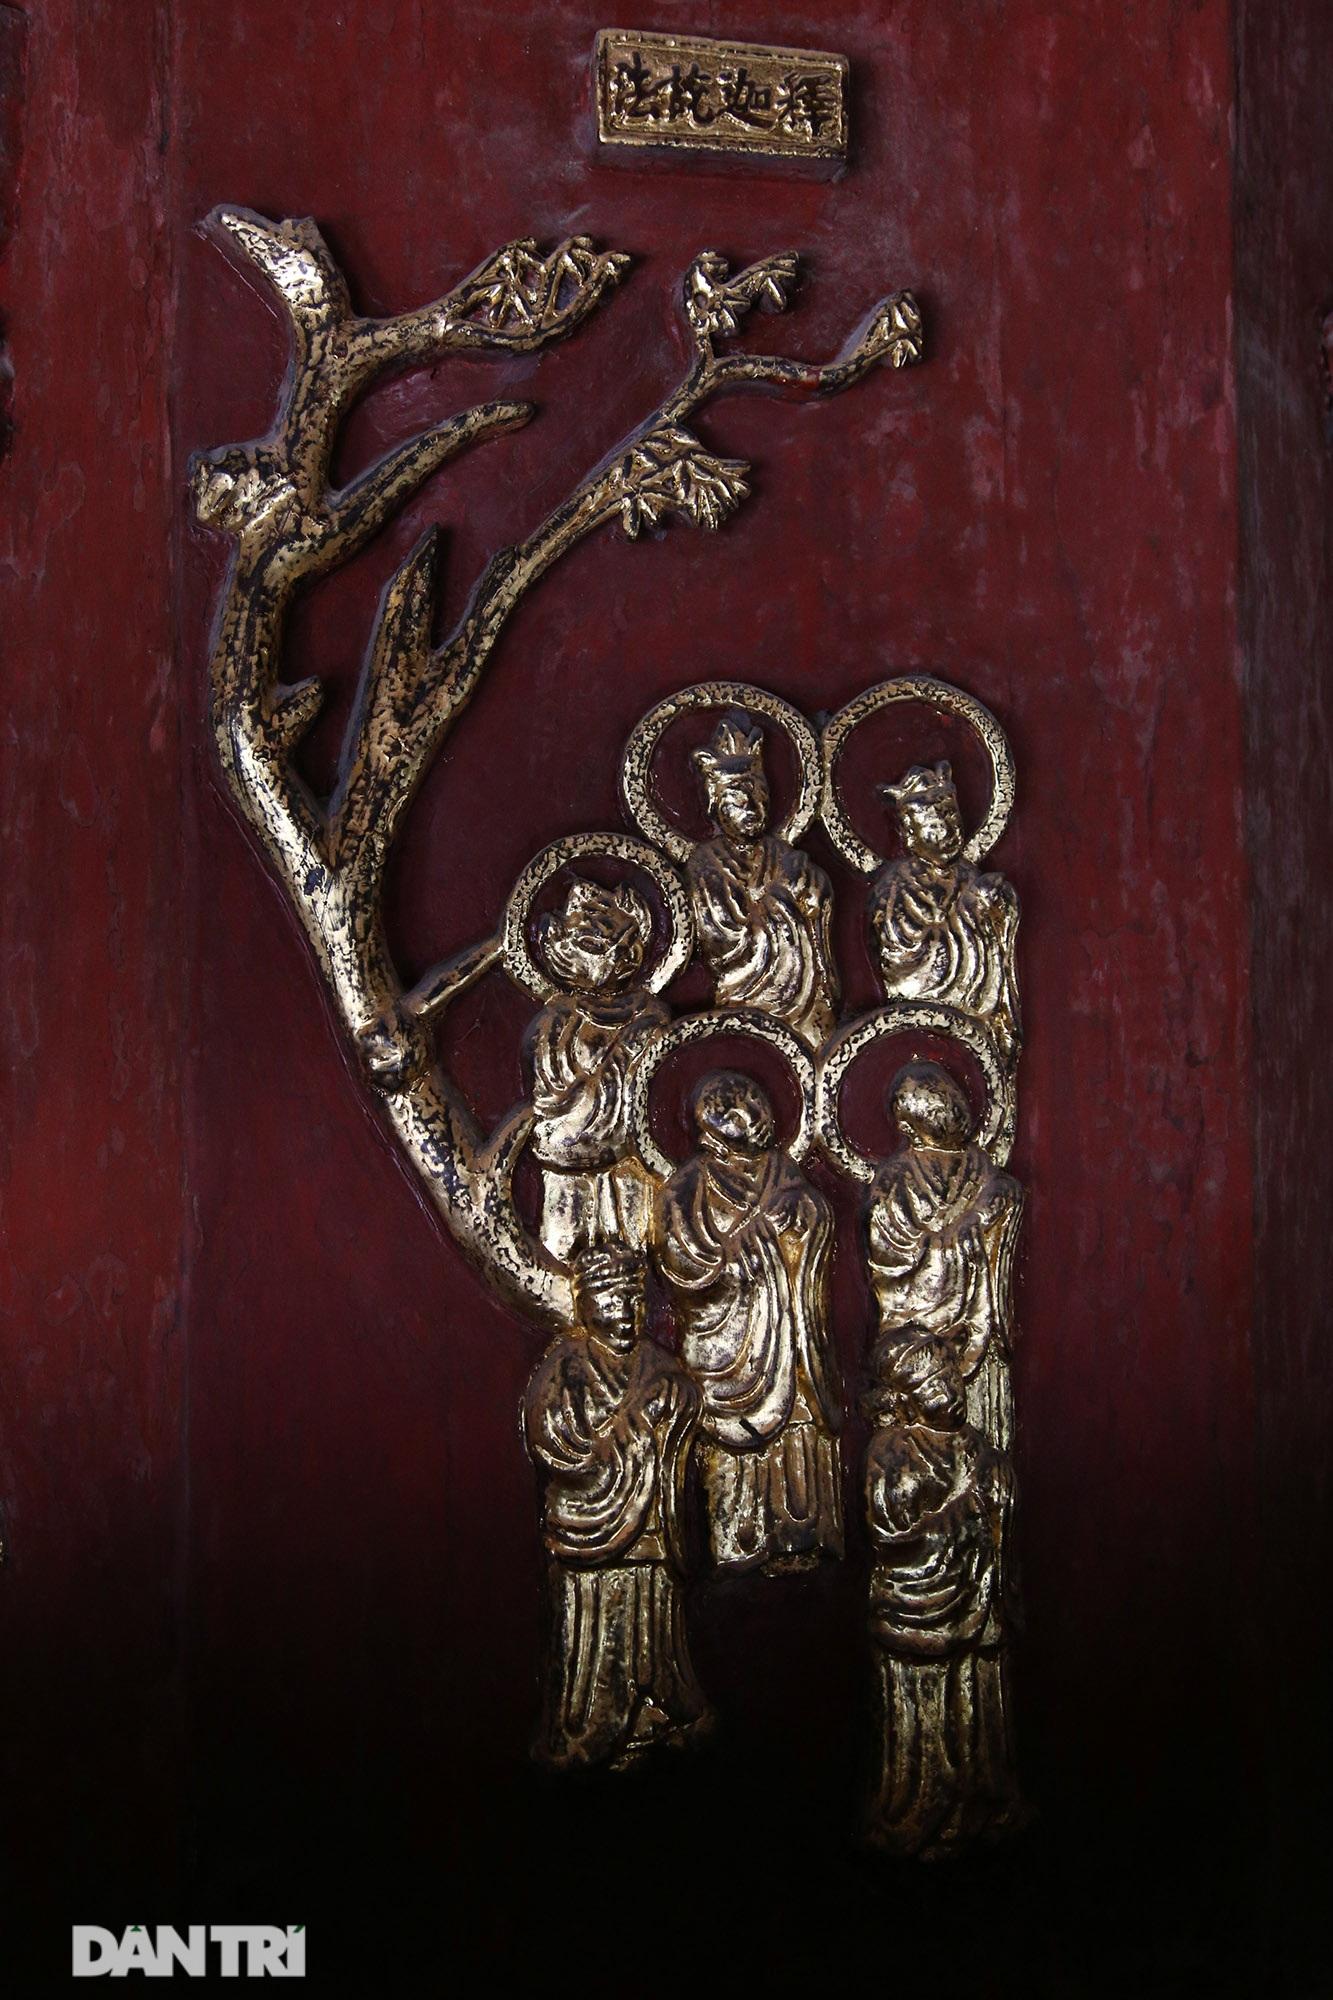 Chiêm ngưỡng bảo vật quốc gia mới: Kiệt tác Cửu phẩm liên hoa chùa Bút Tháp - 7